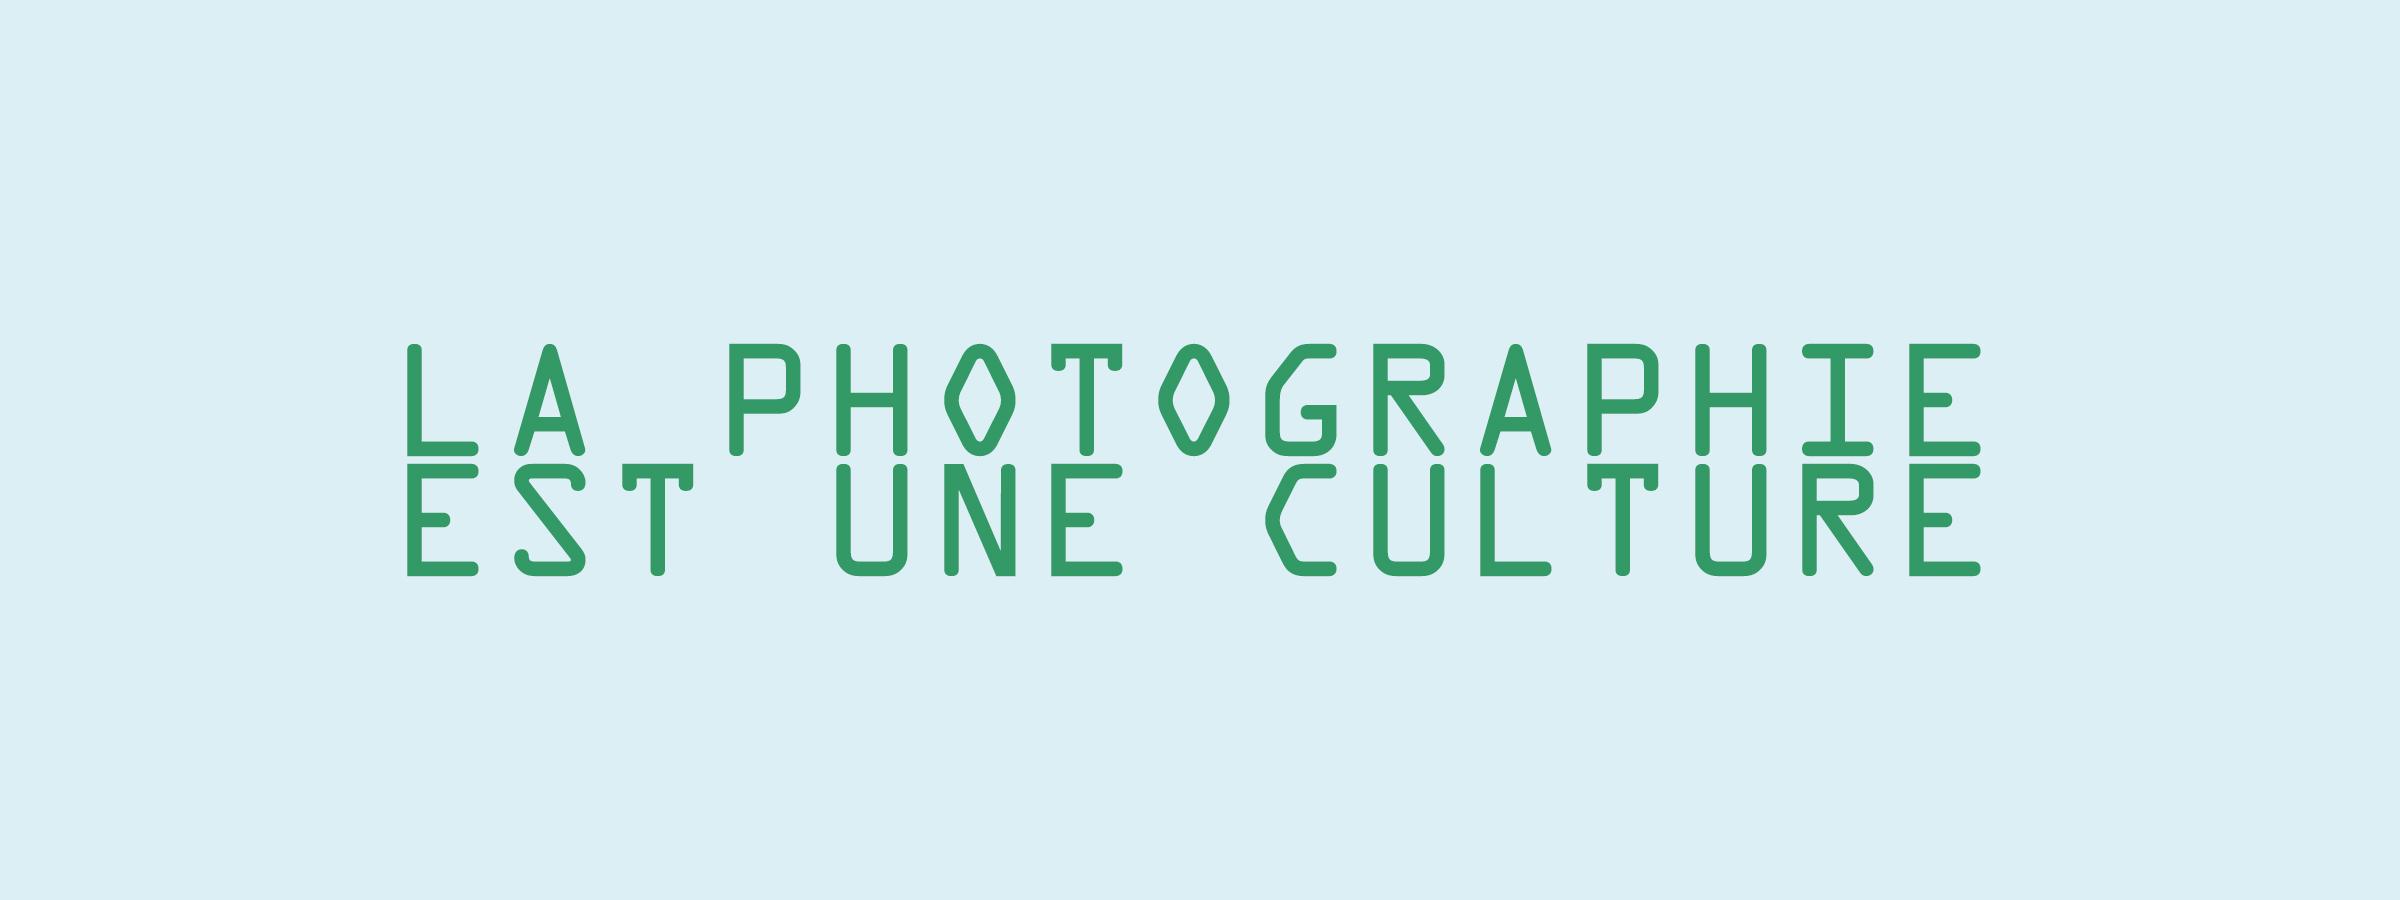 La-photograqphie-est-une-culture